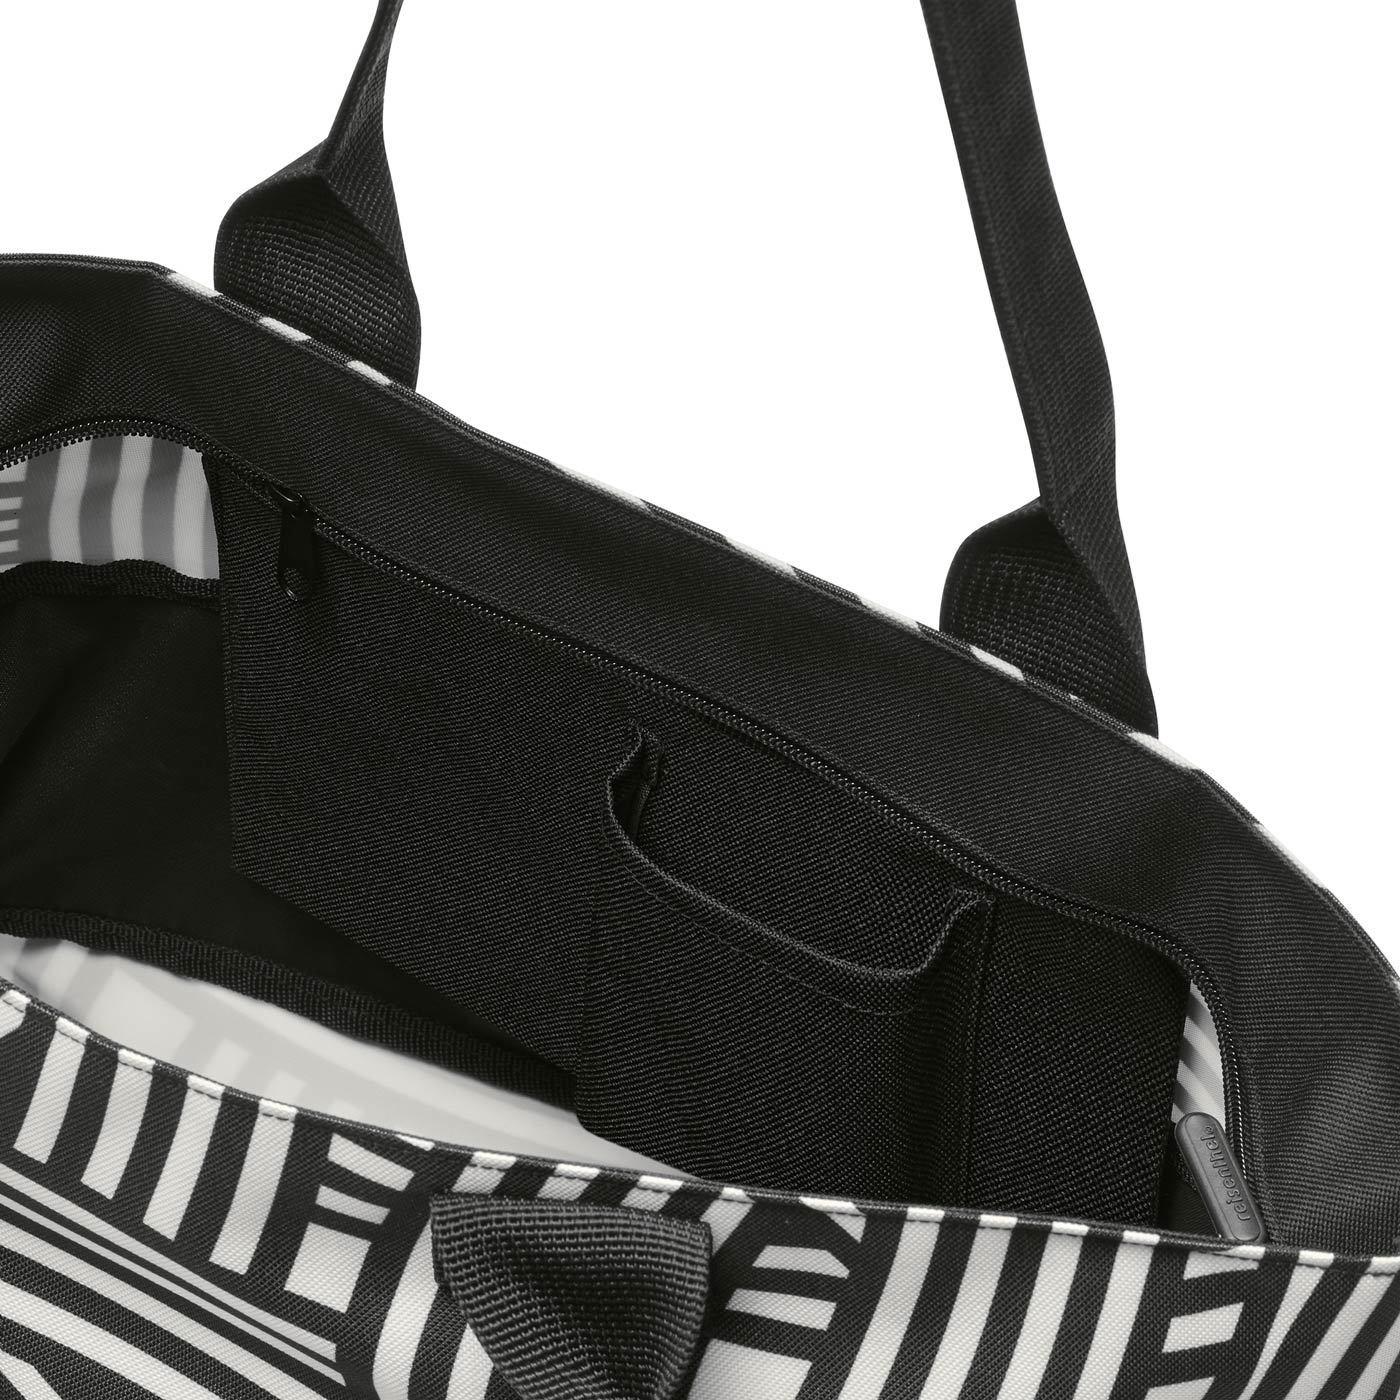 Chytrá taška přes rameno Shopper e1 zebra_1